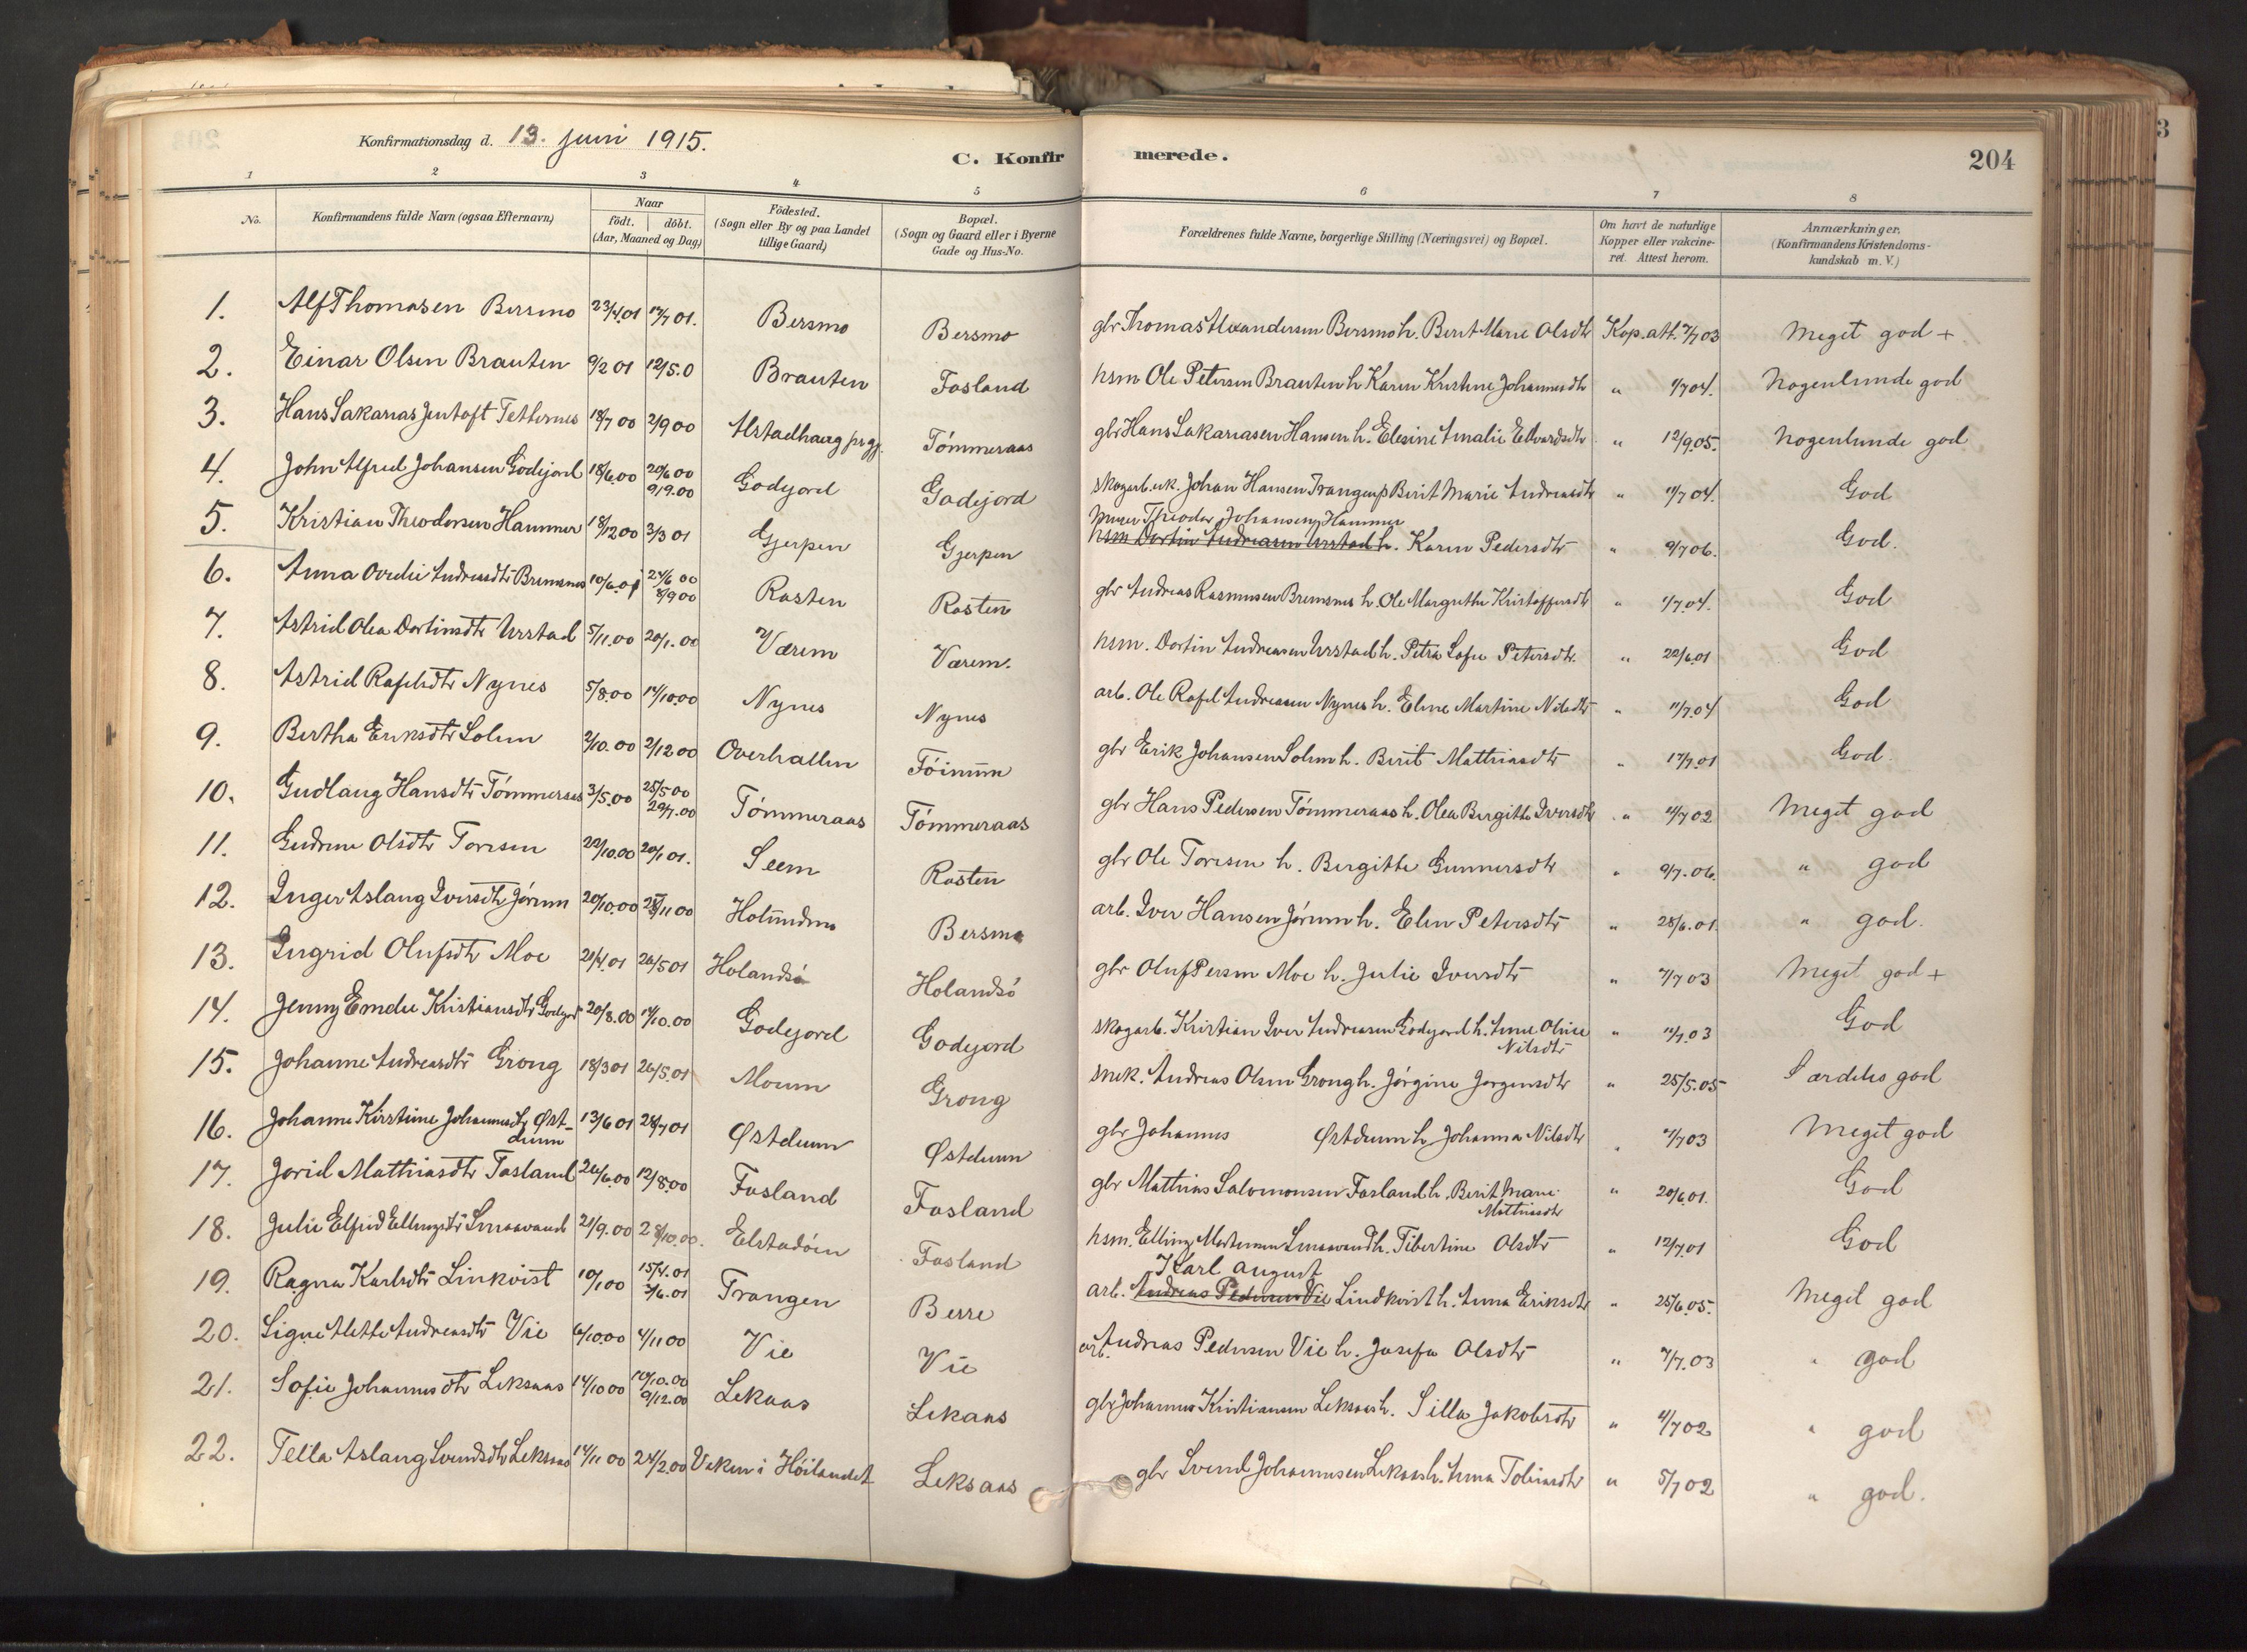 SAT, Ministerialprotokoller, klokkerbøker og fødselsregistre - Nord-Trøndelag, 758/L0519: Ministerialbok nr. 758A04, 1880-1926, s. 204